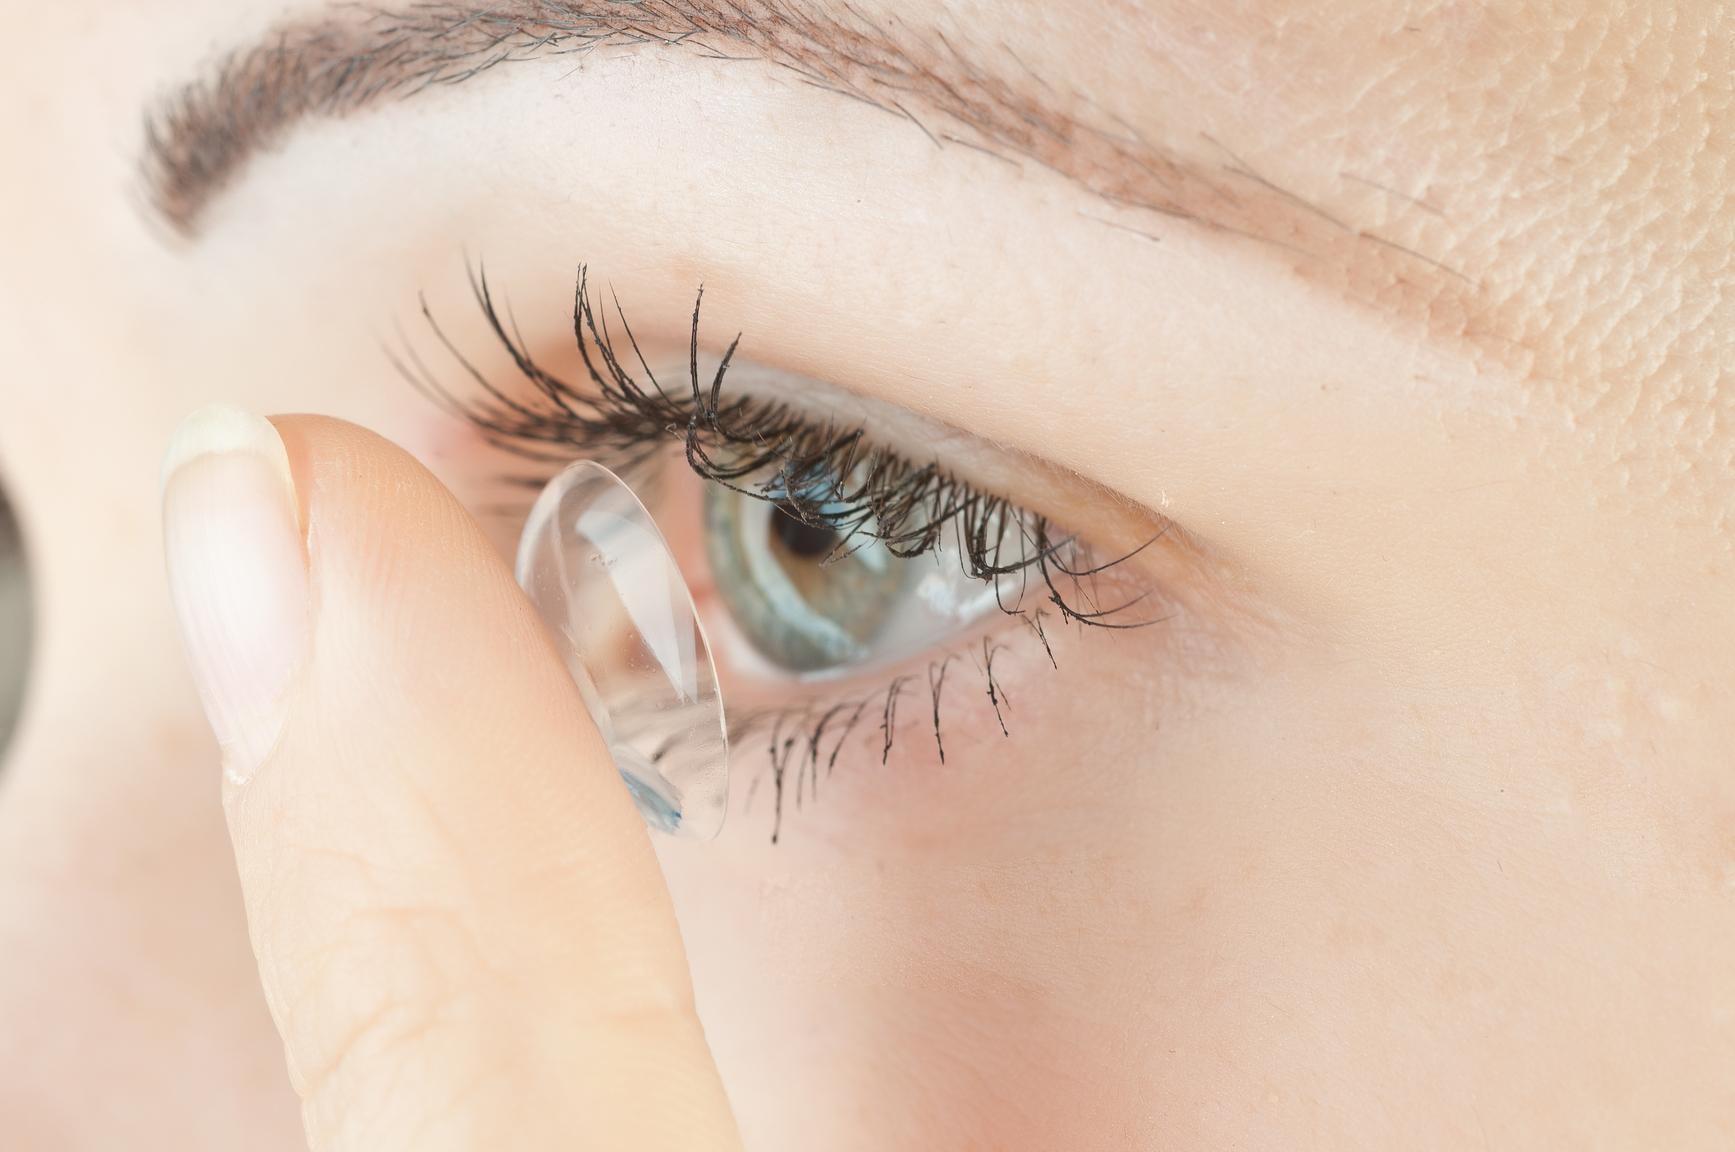 10 Dicas Para Proteger a Sua Visão Quando Você Usa Lentes de Contato